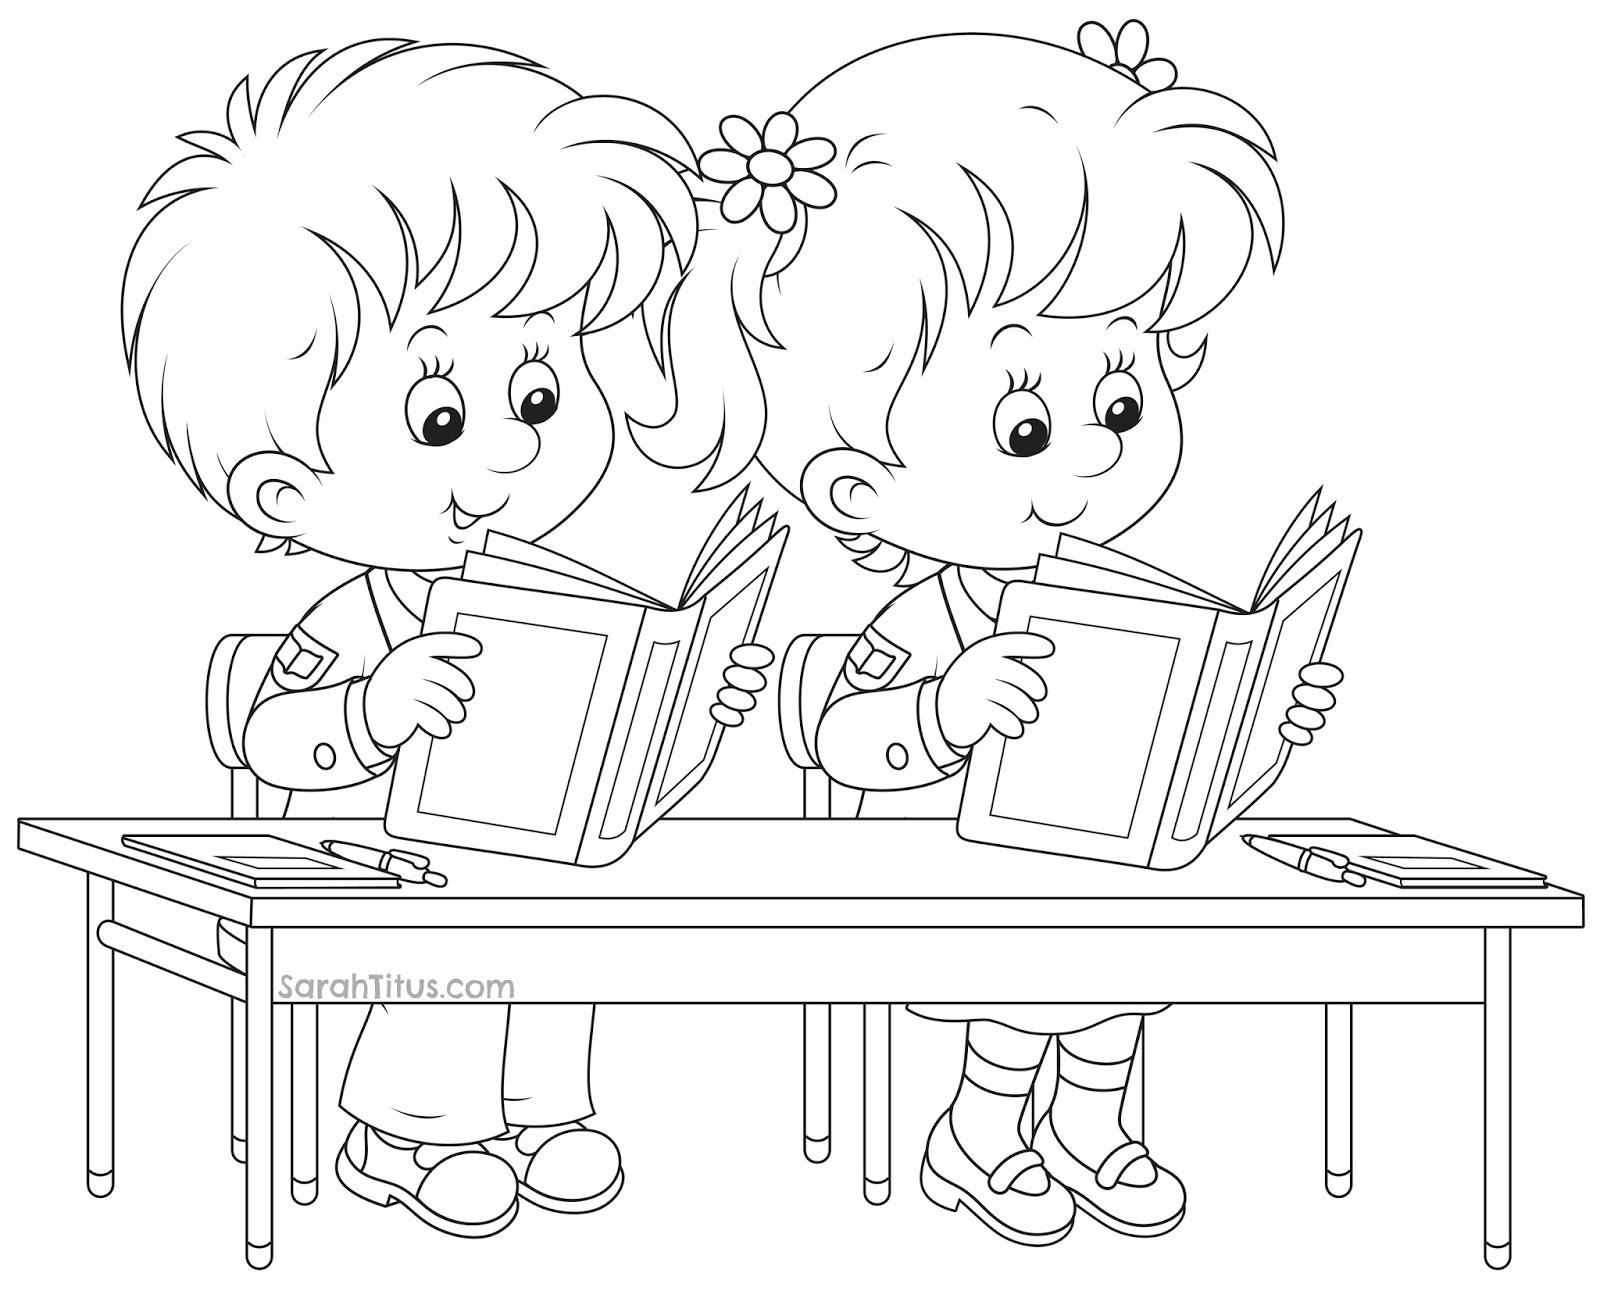 Mewarnai Gambar Anak Belajar Di Sekolah Mewarnai Cerita Terbaru Lucu Sedih Humor Kocak Romantis